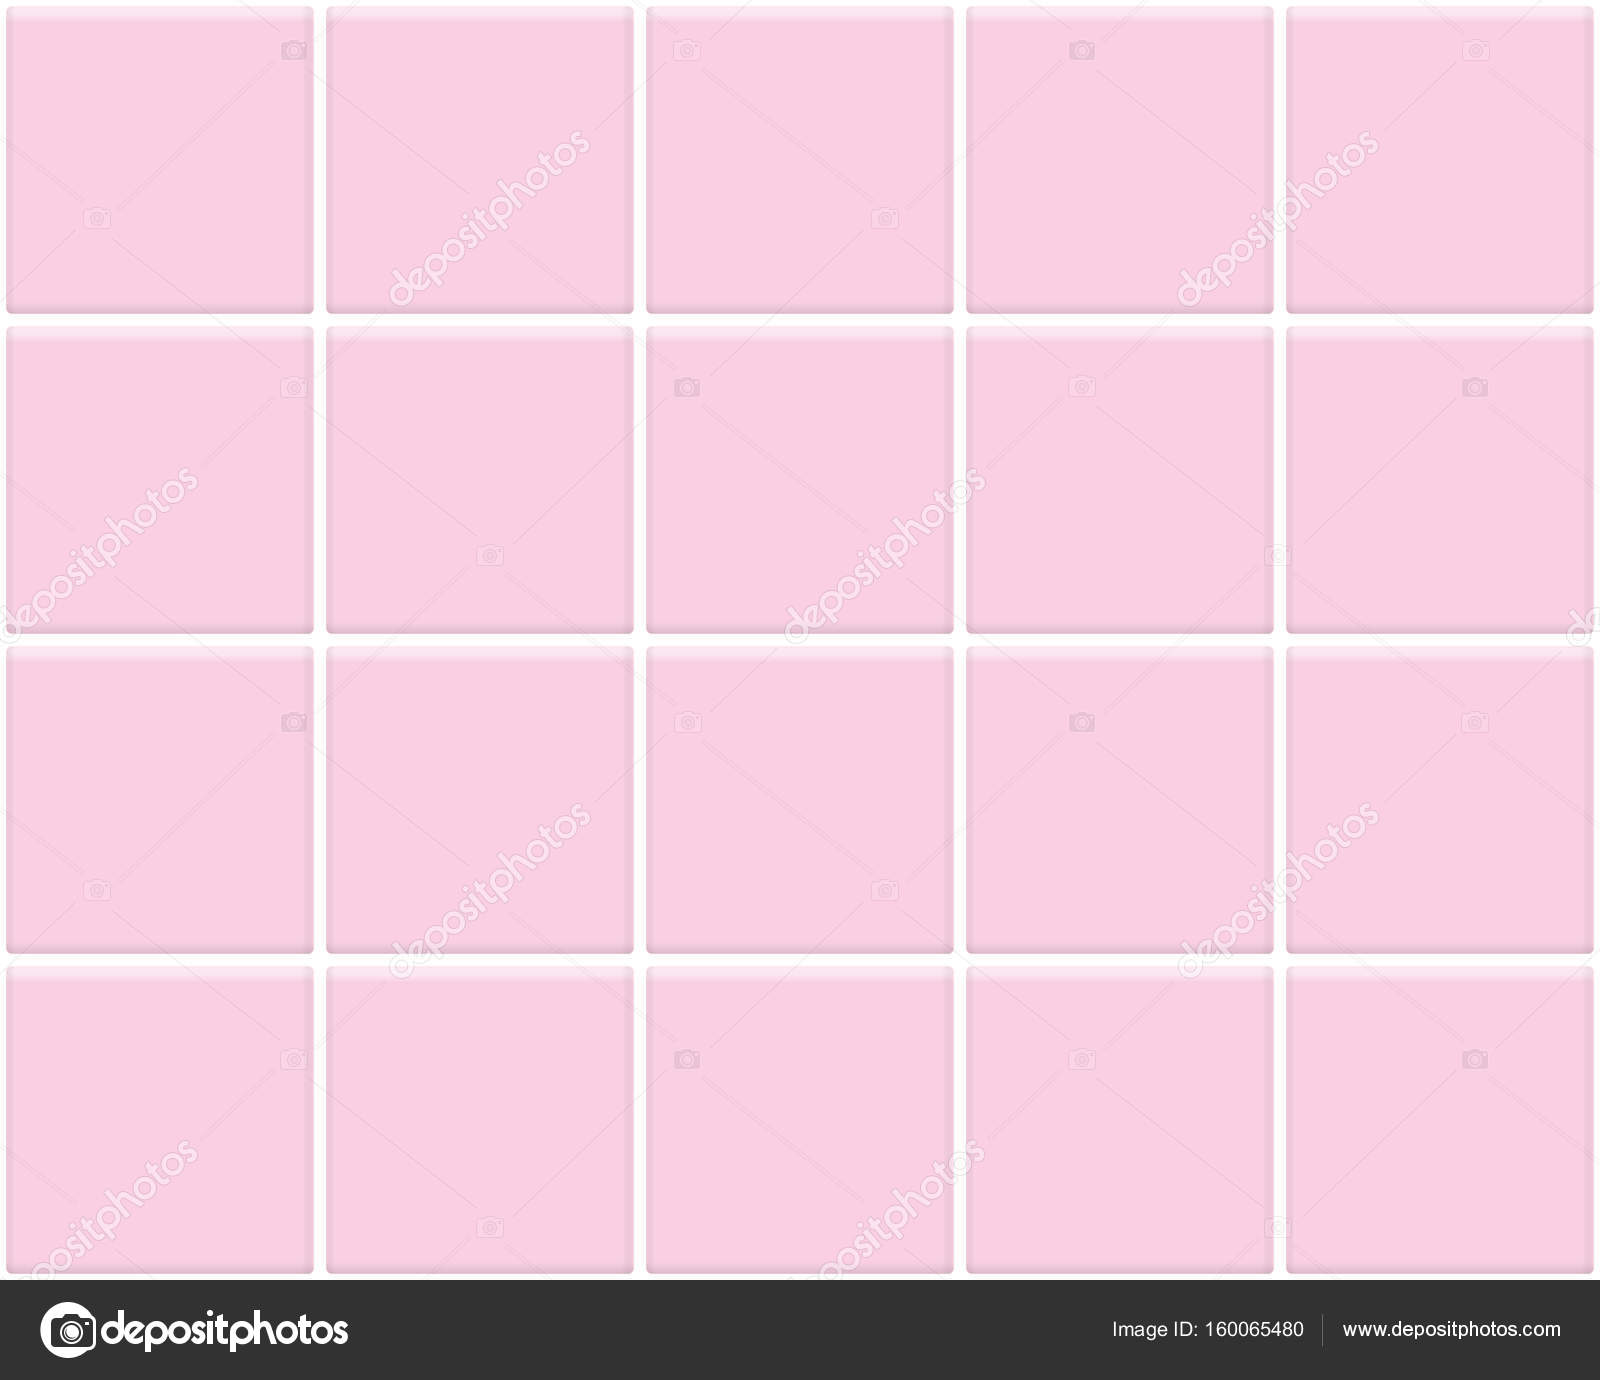 carrelage rose texture image vectorielle